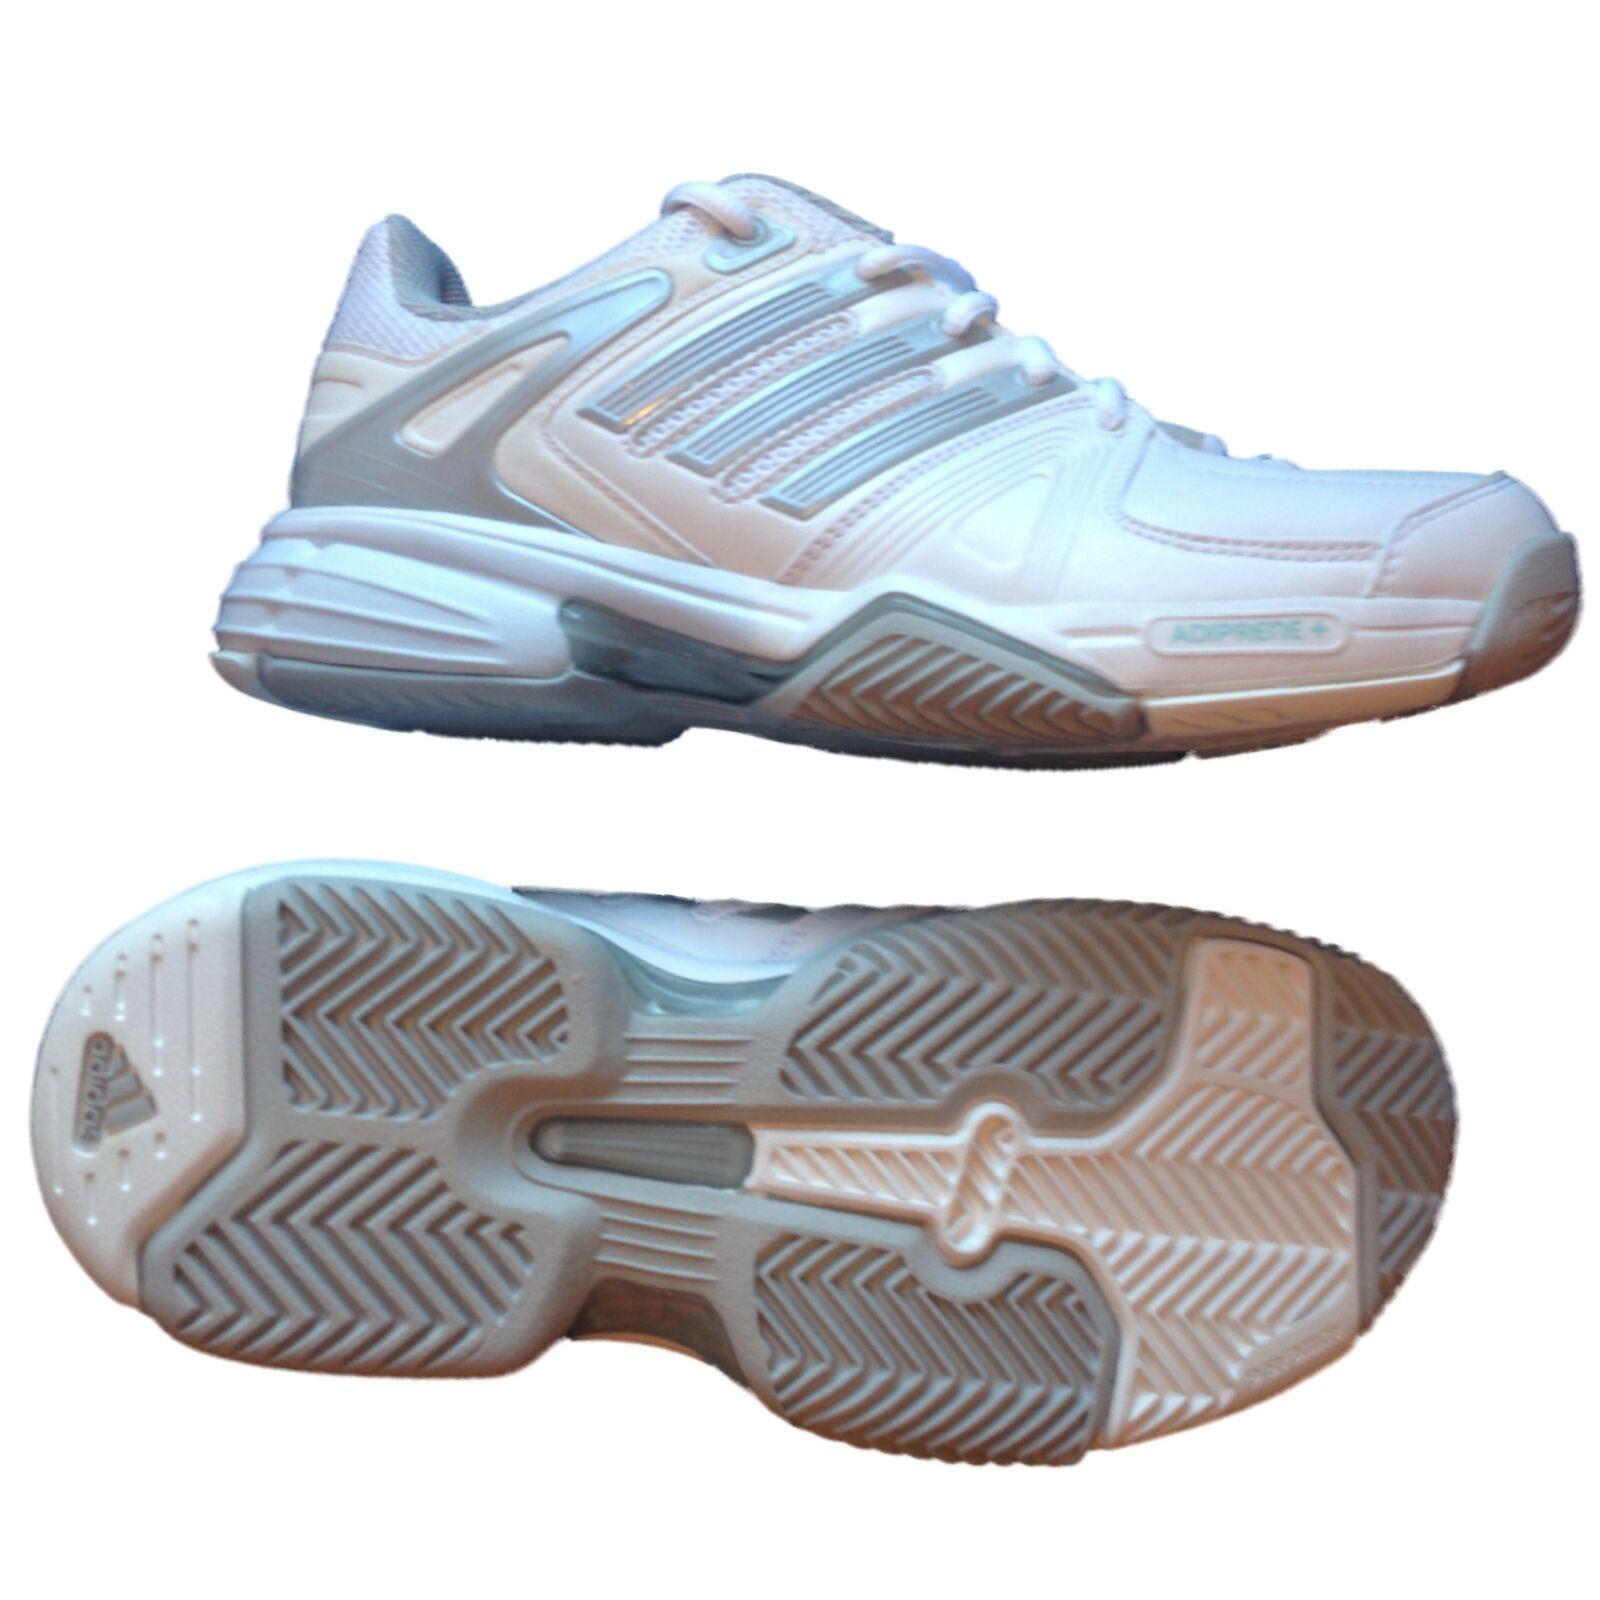 Adidas Sportschuhe Tennisschuhe Damen response essence W  G64331